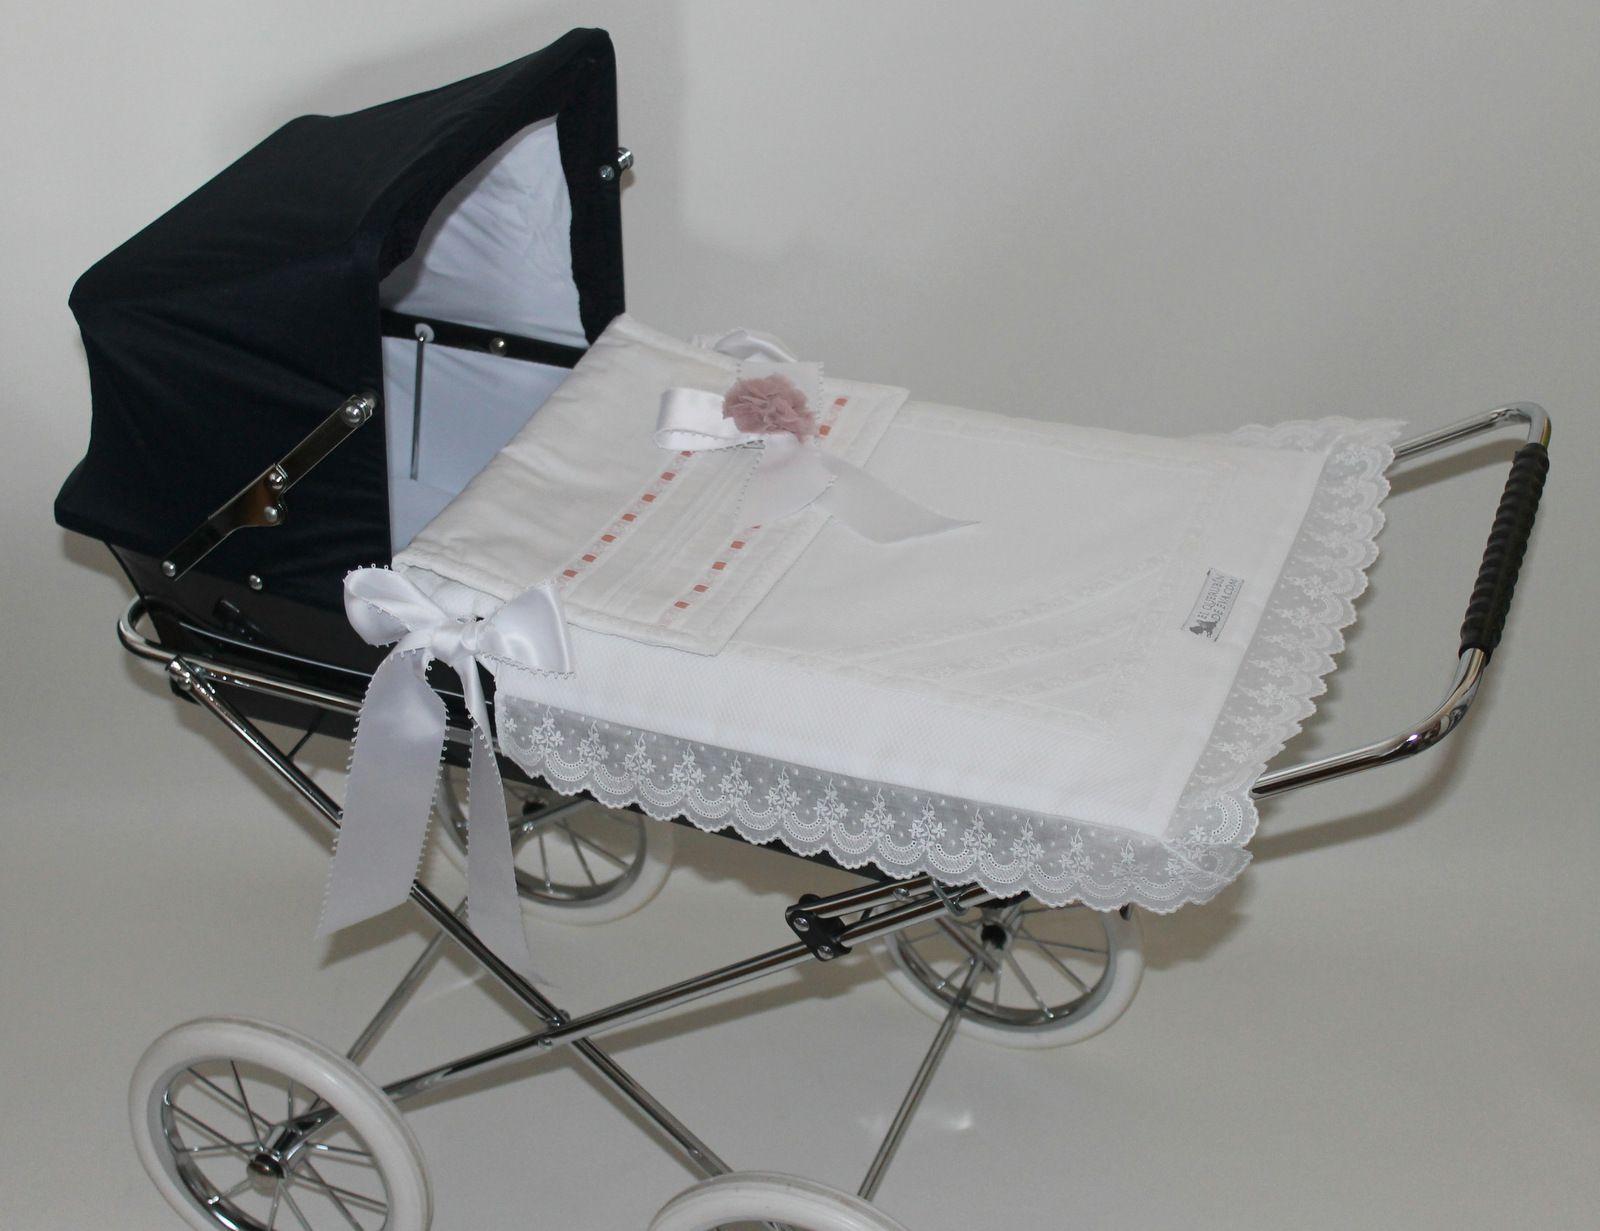 Saco carrito muñecas | Carritos de muñecas, Muñecas bonitas